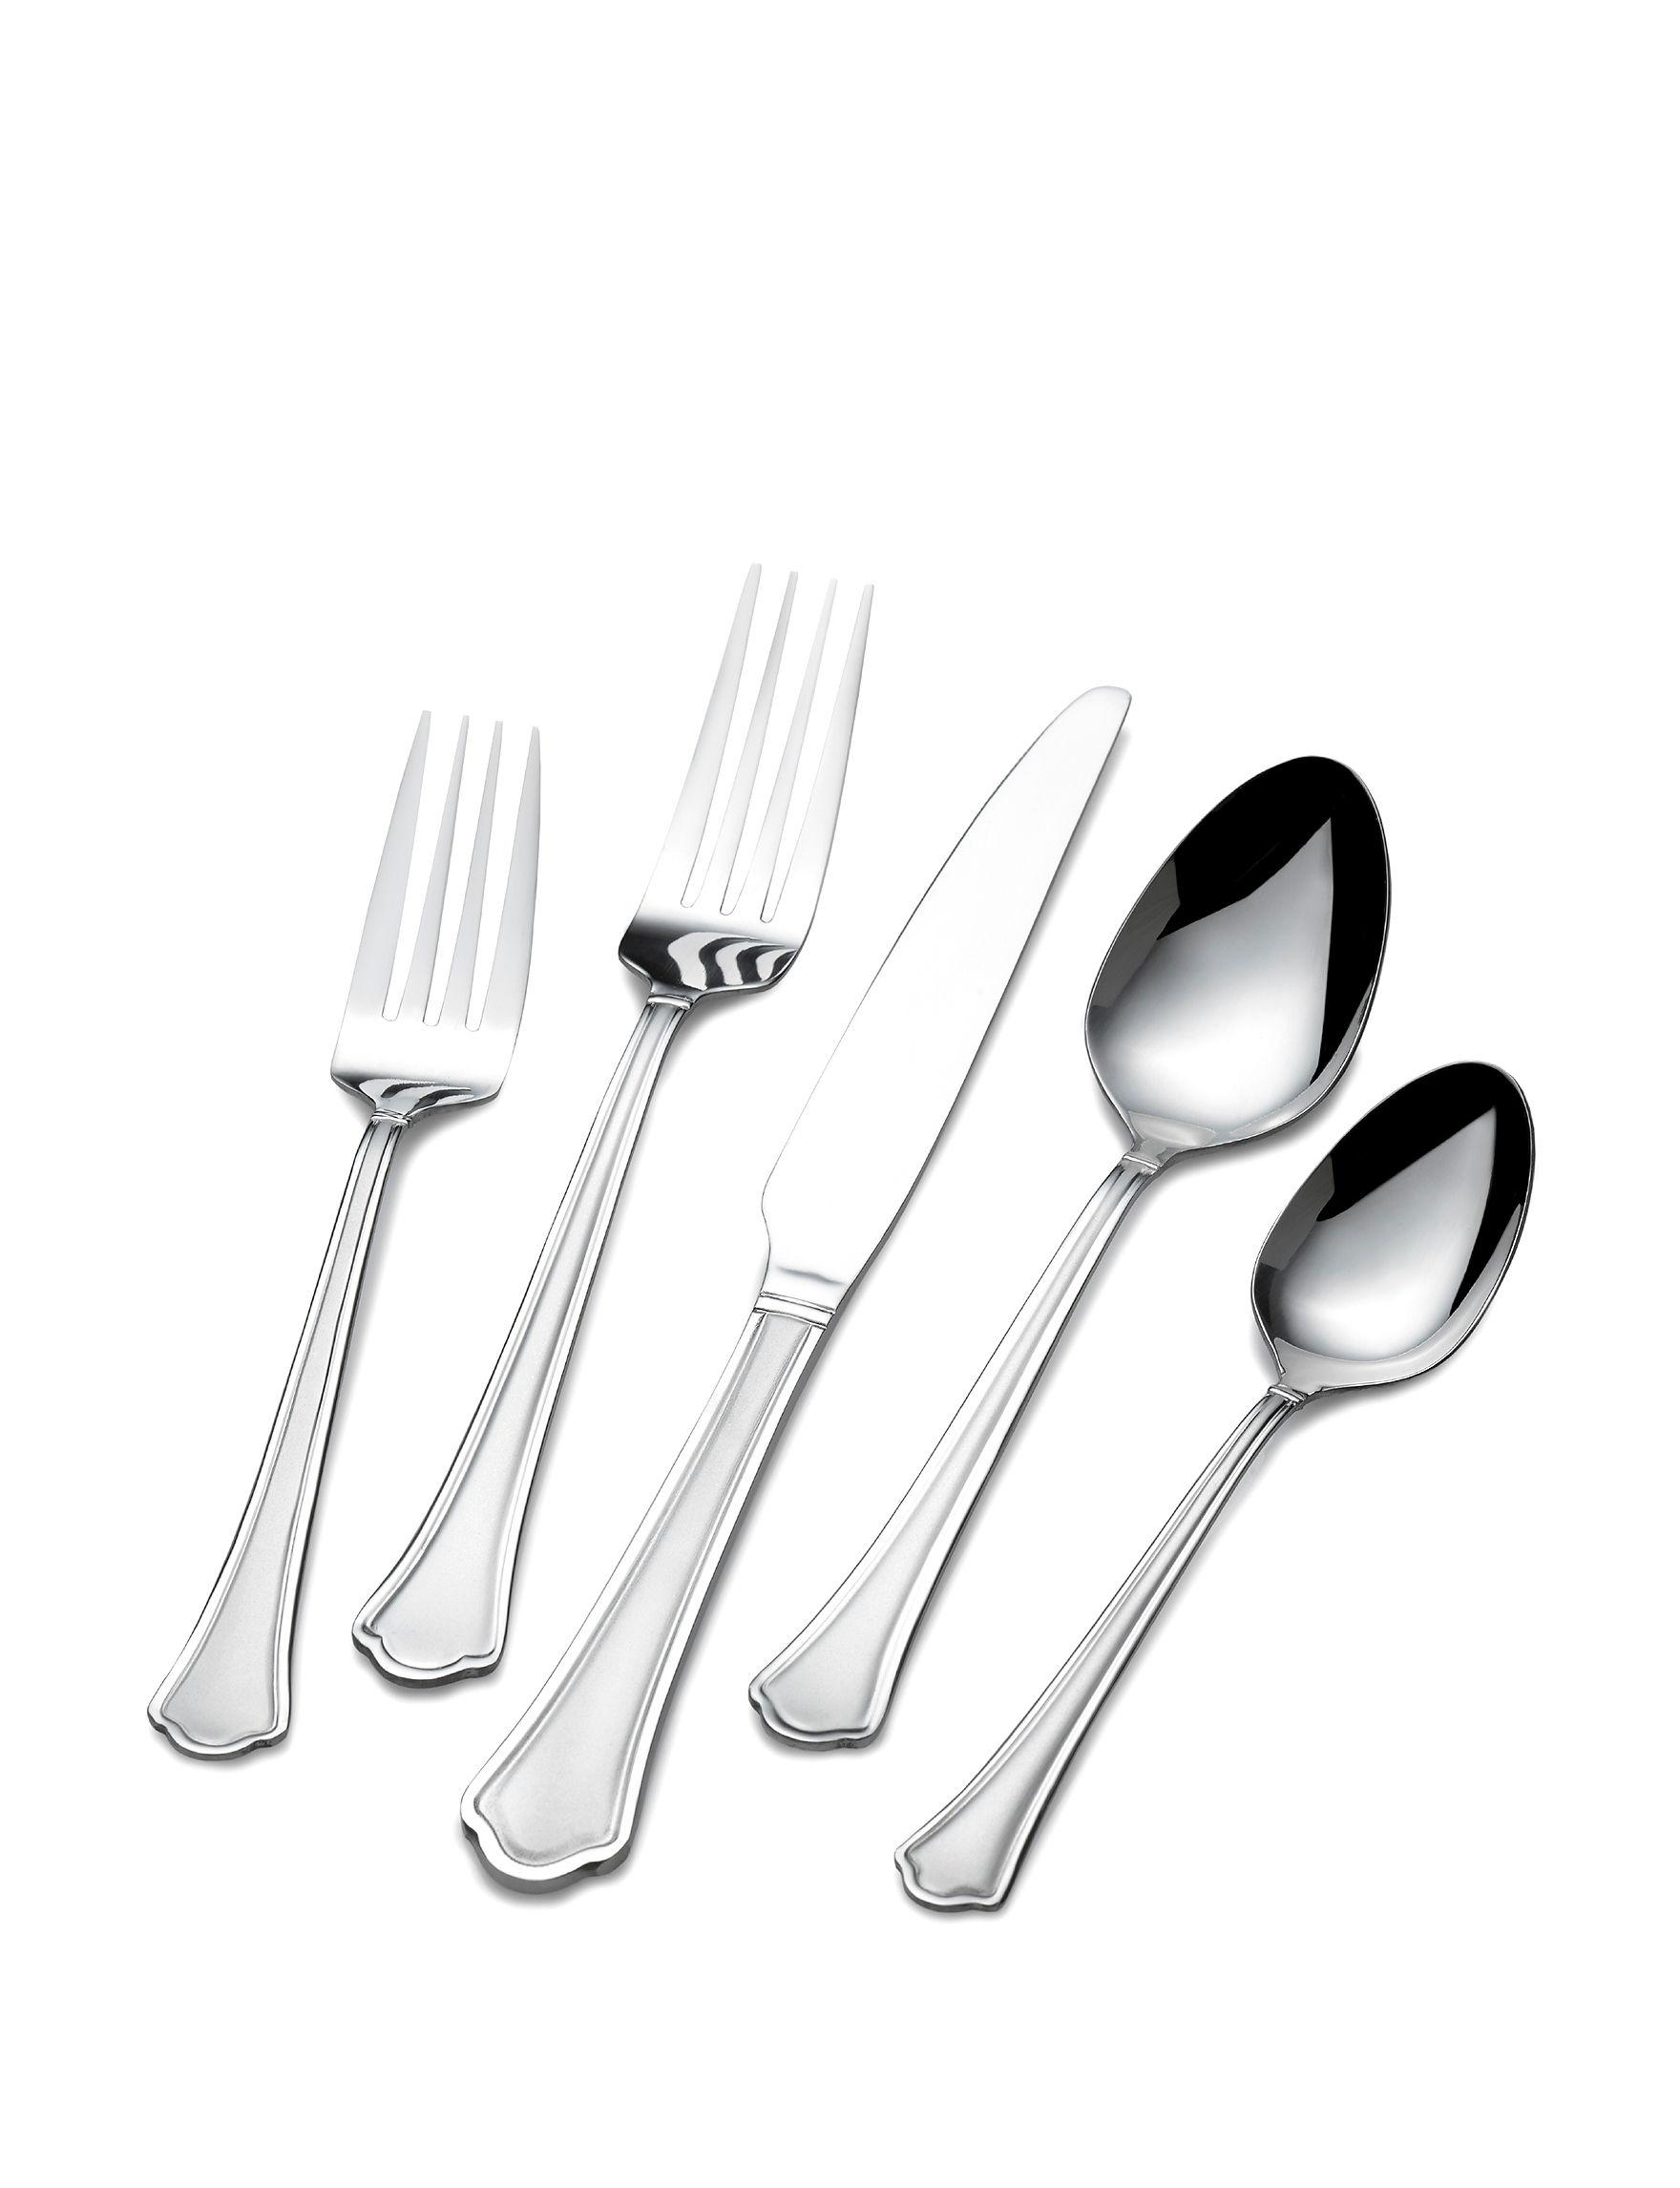 Pfaltzgraff Silver Flatware